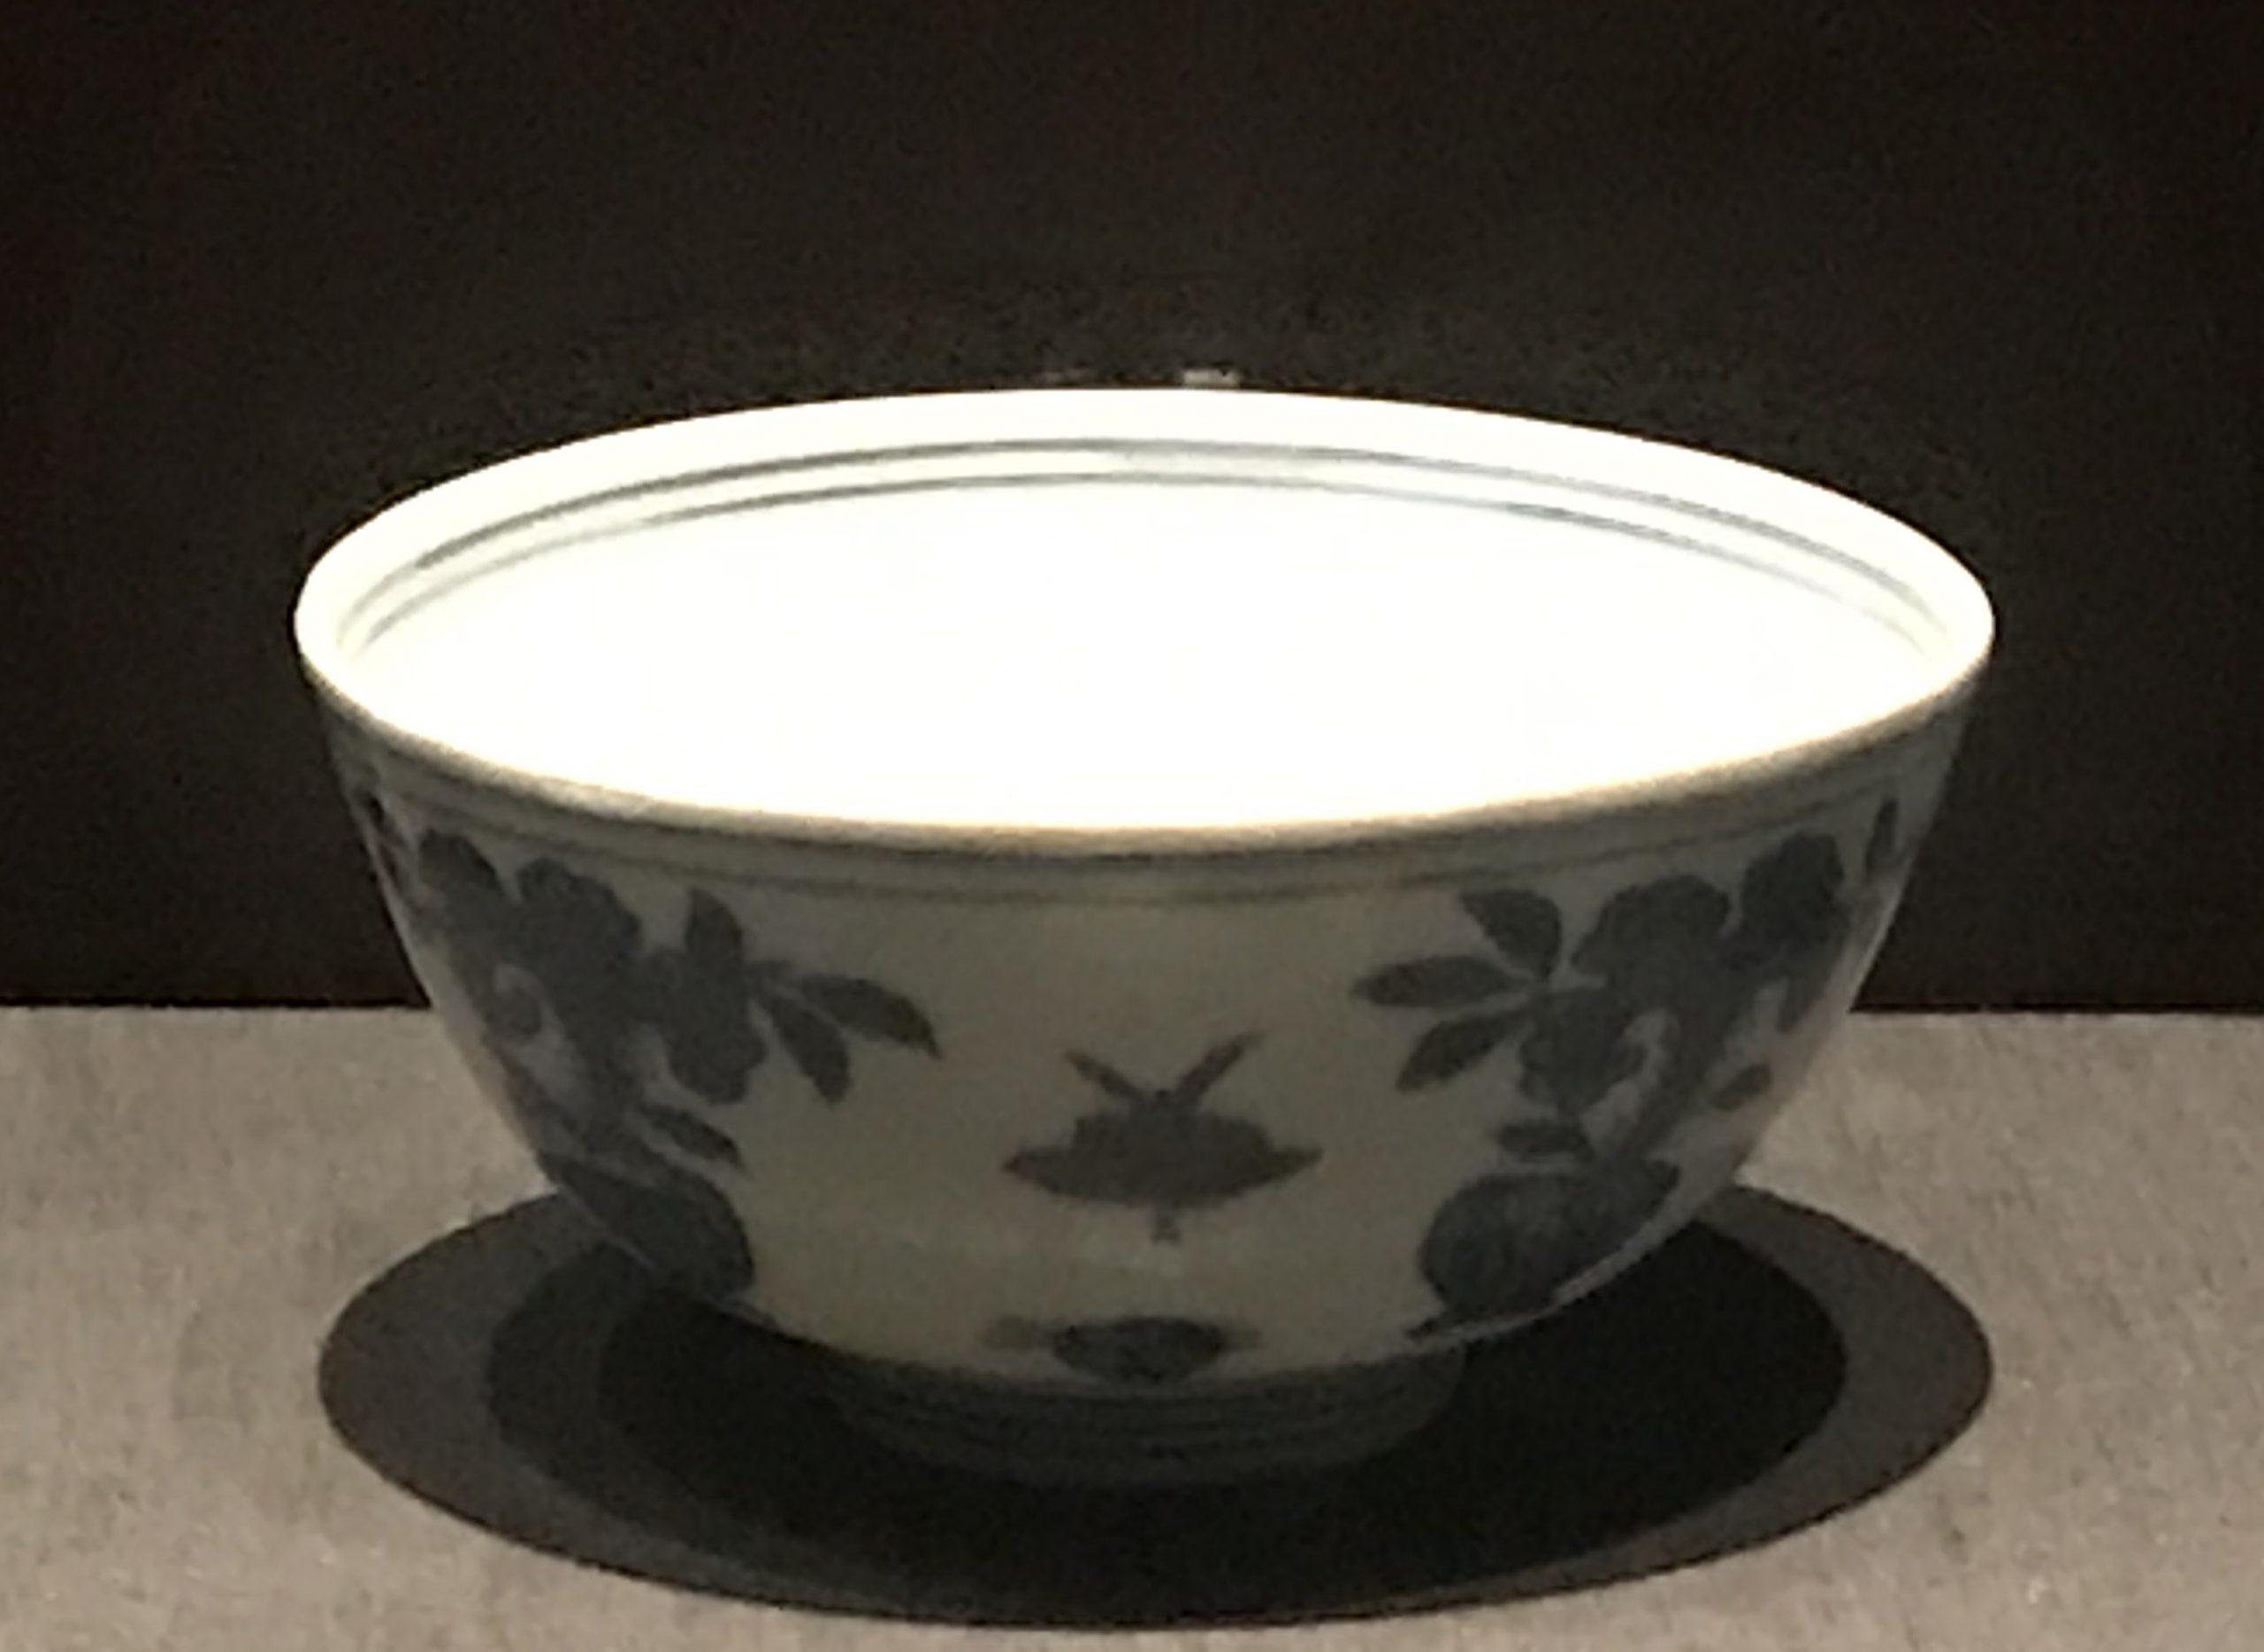 青花花蝶紋磁碗-明清時代-常設展F3-成都博物館